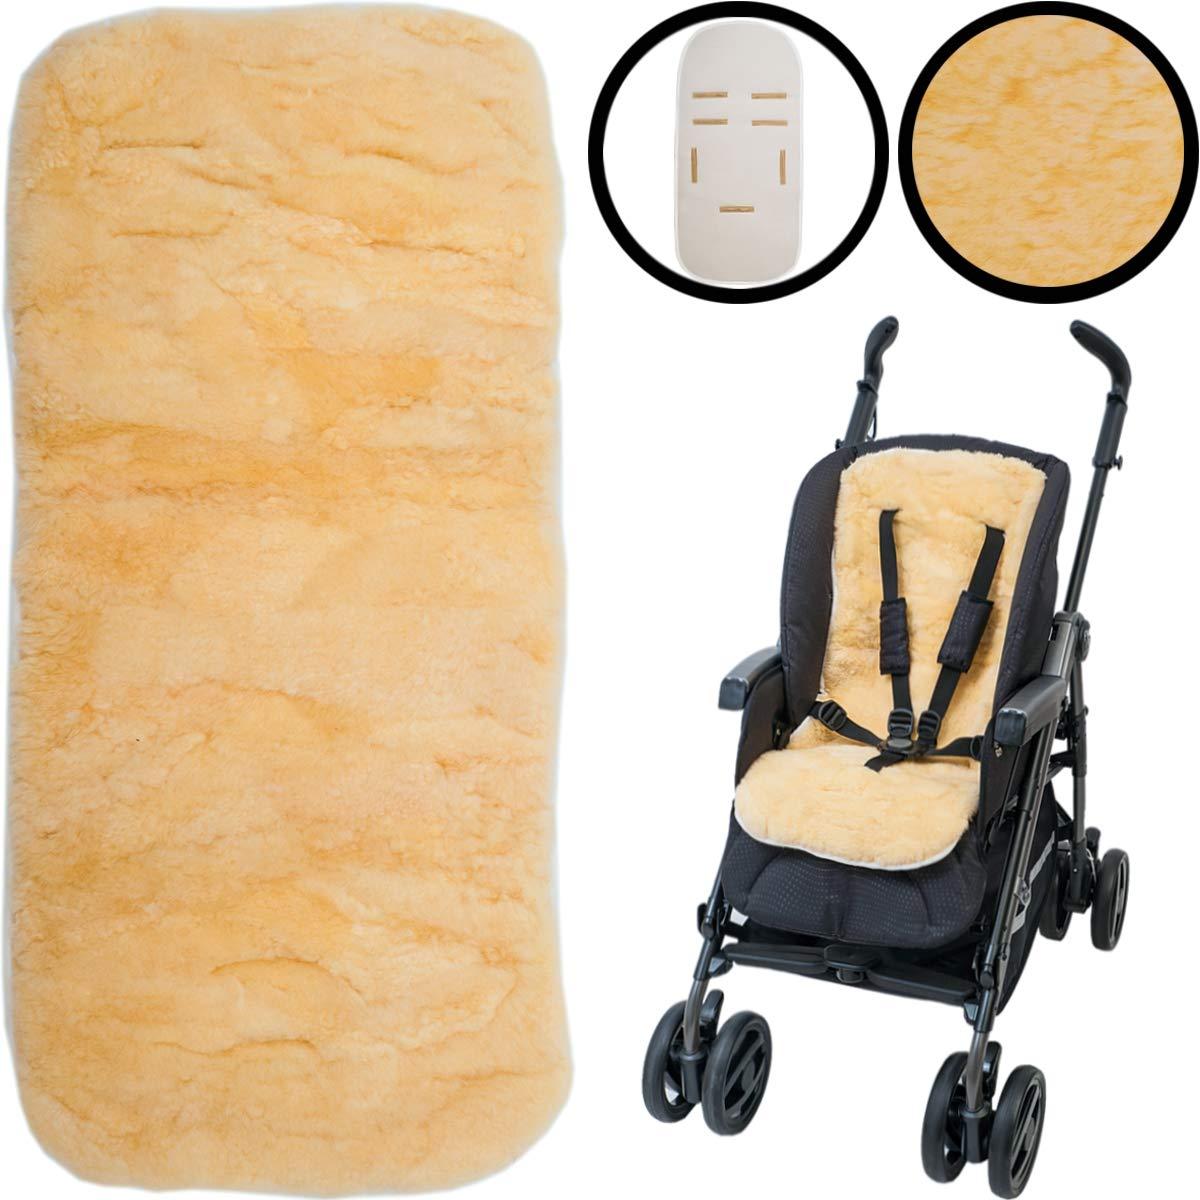 100% Lammfell Auflage fü r Buggy und Kinderwagen / 5-Punkte-Gurtsytem geeignet 12-36 Monate Stimo